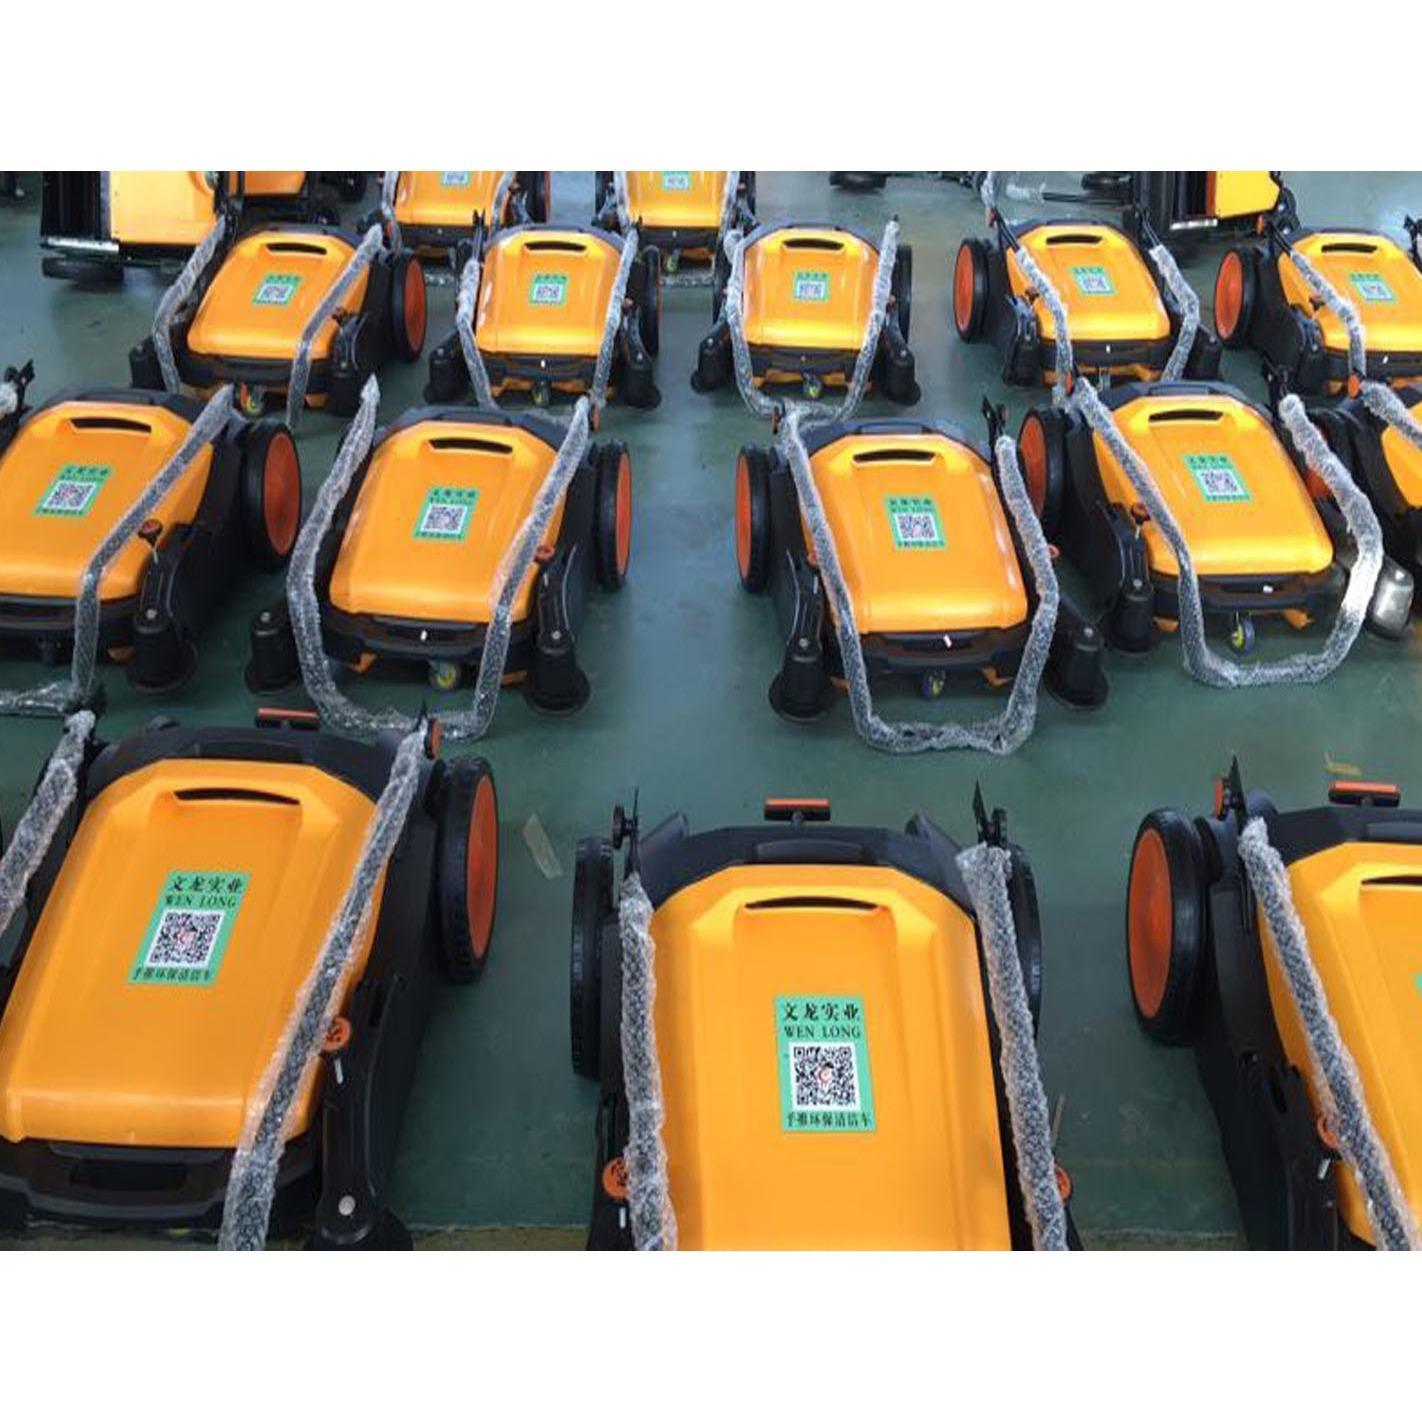 Xe quét rác Wen Long(Màu vàng, đen)